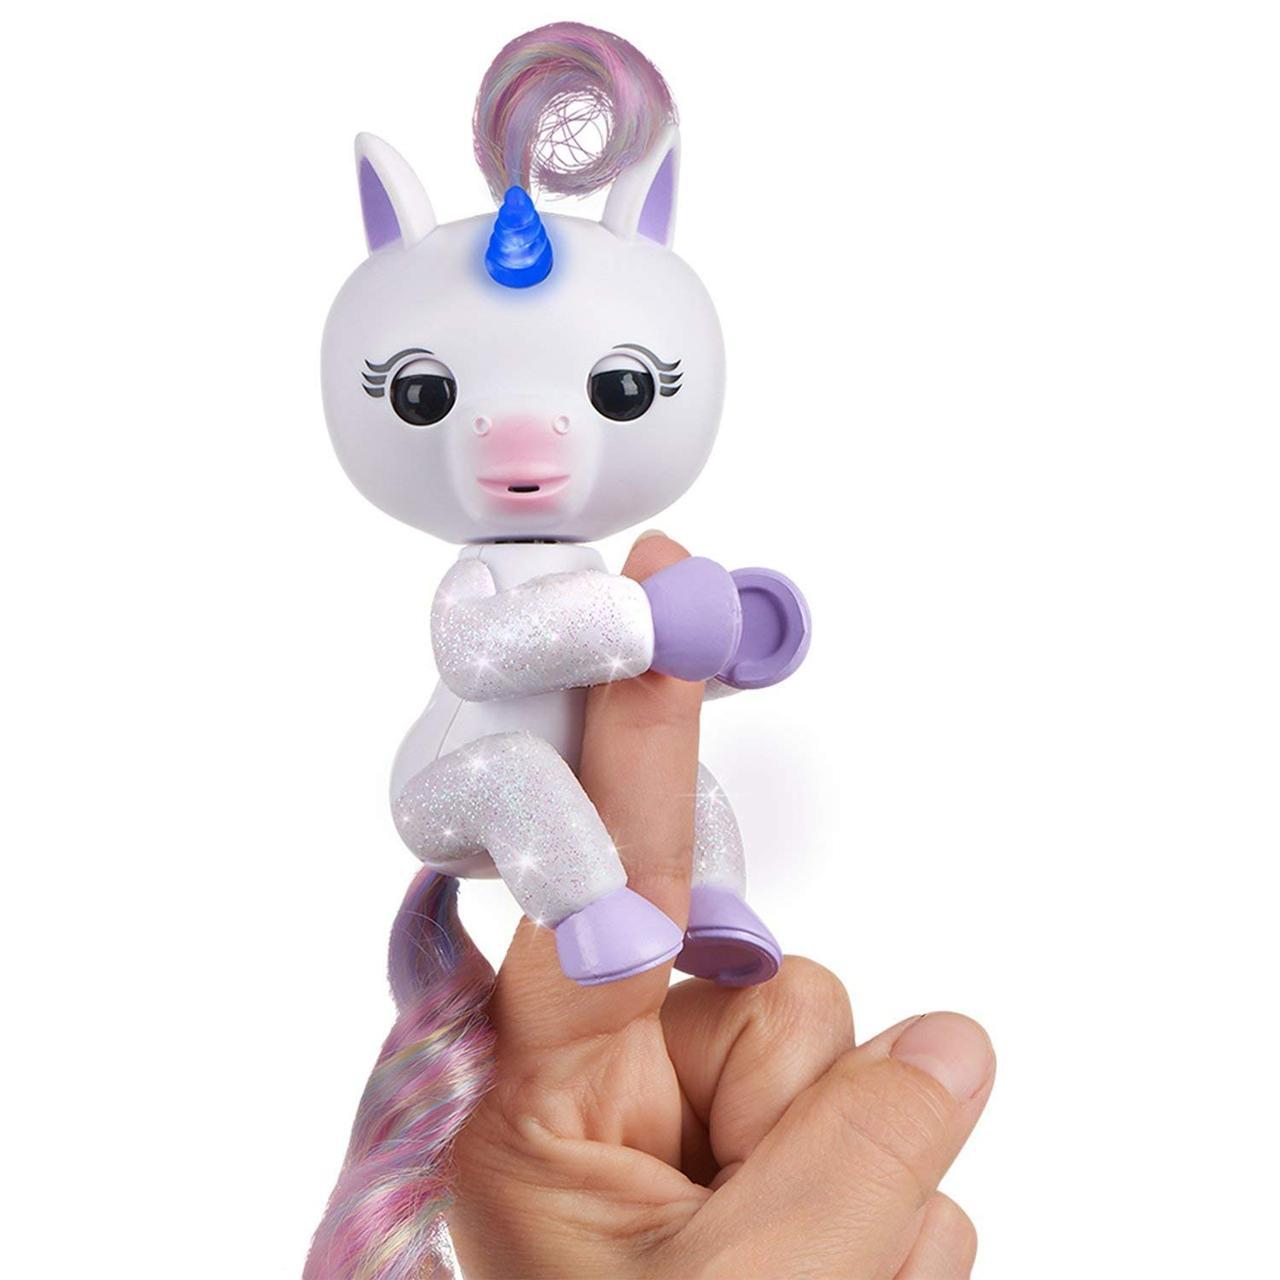 Интерактивный блестящий единорог со светящимся рогом, WowWee Fingerlings Light Up Unicorn, Оригинал из США